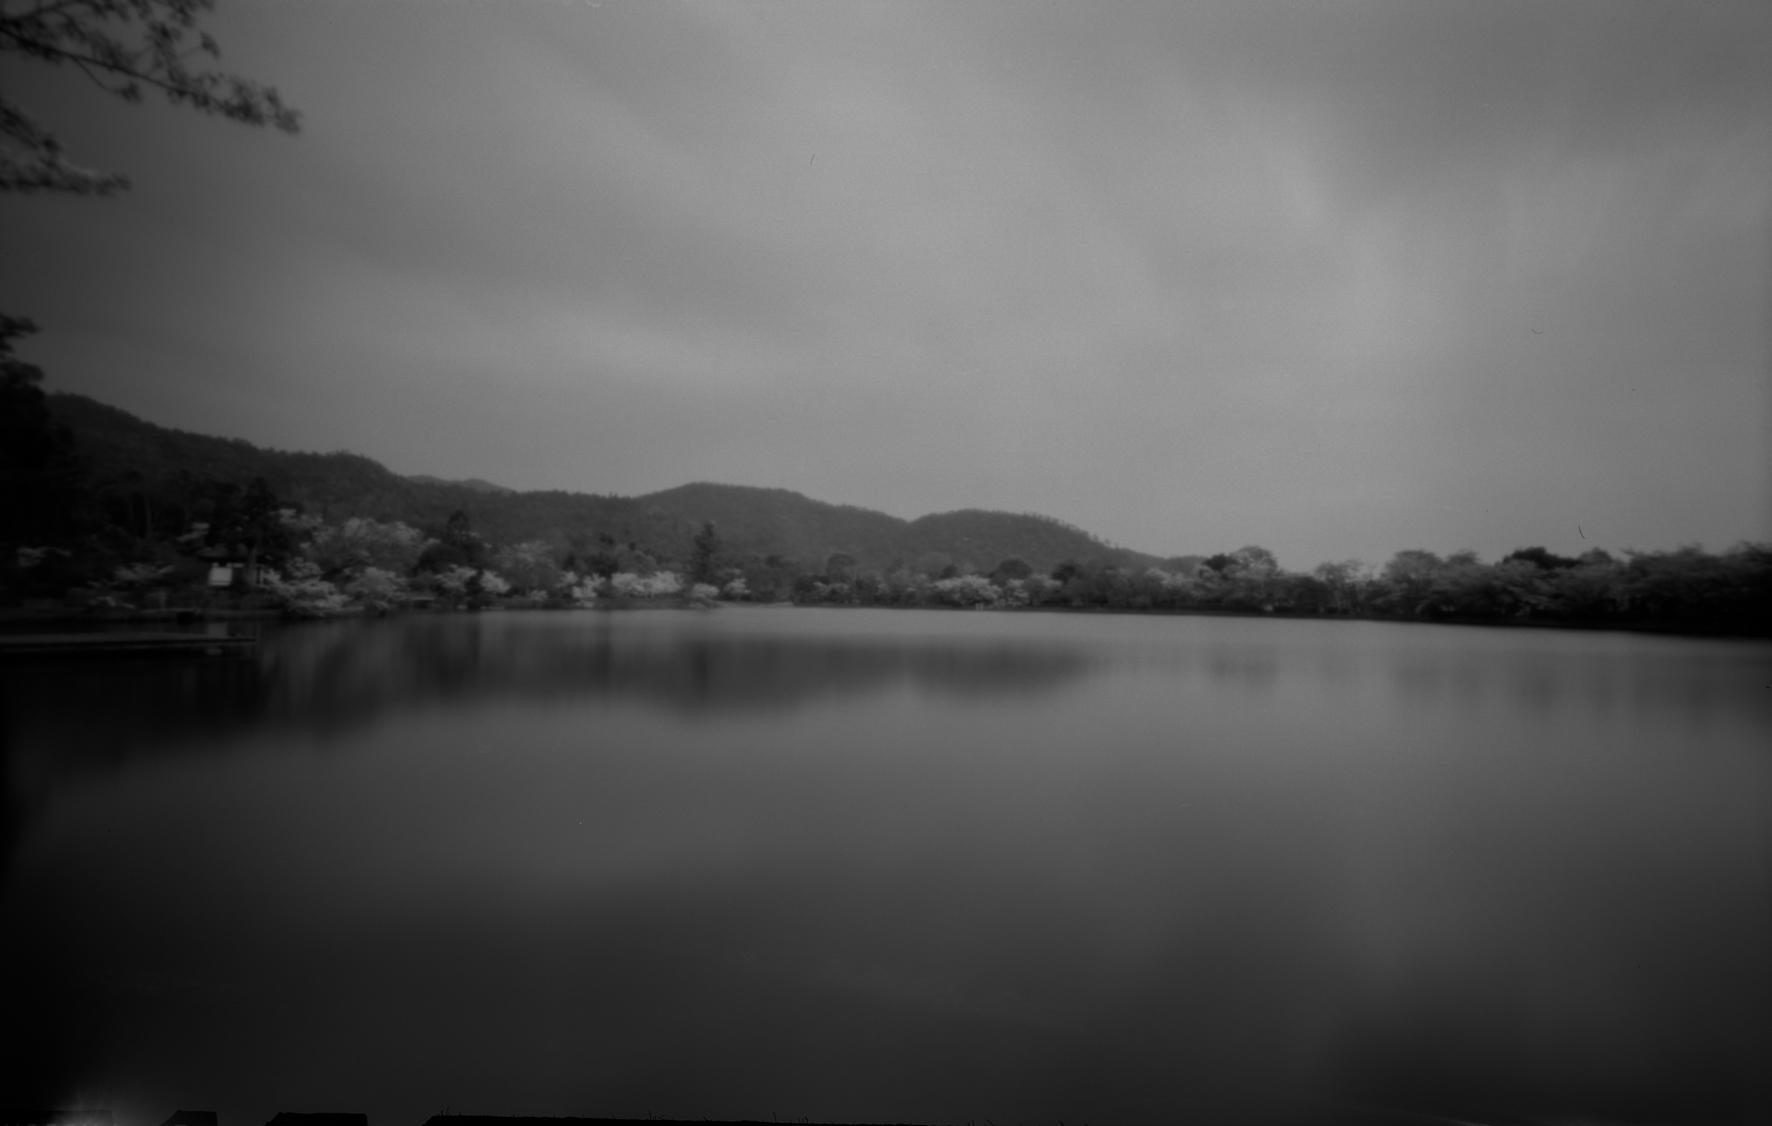 嵯峨野、大覚寺 大沢池。平安時代前期の名残をとどめ、日本最古の庭池とされている。